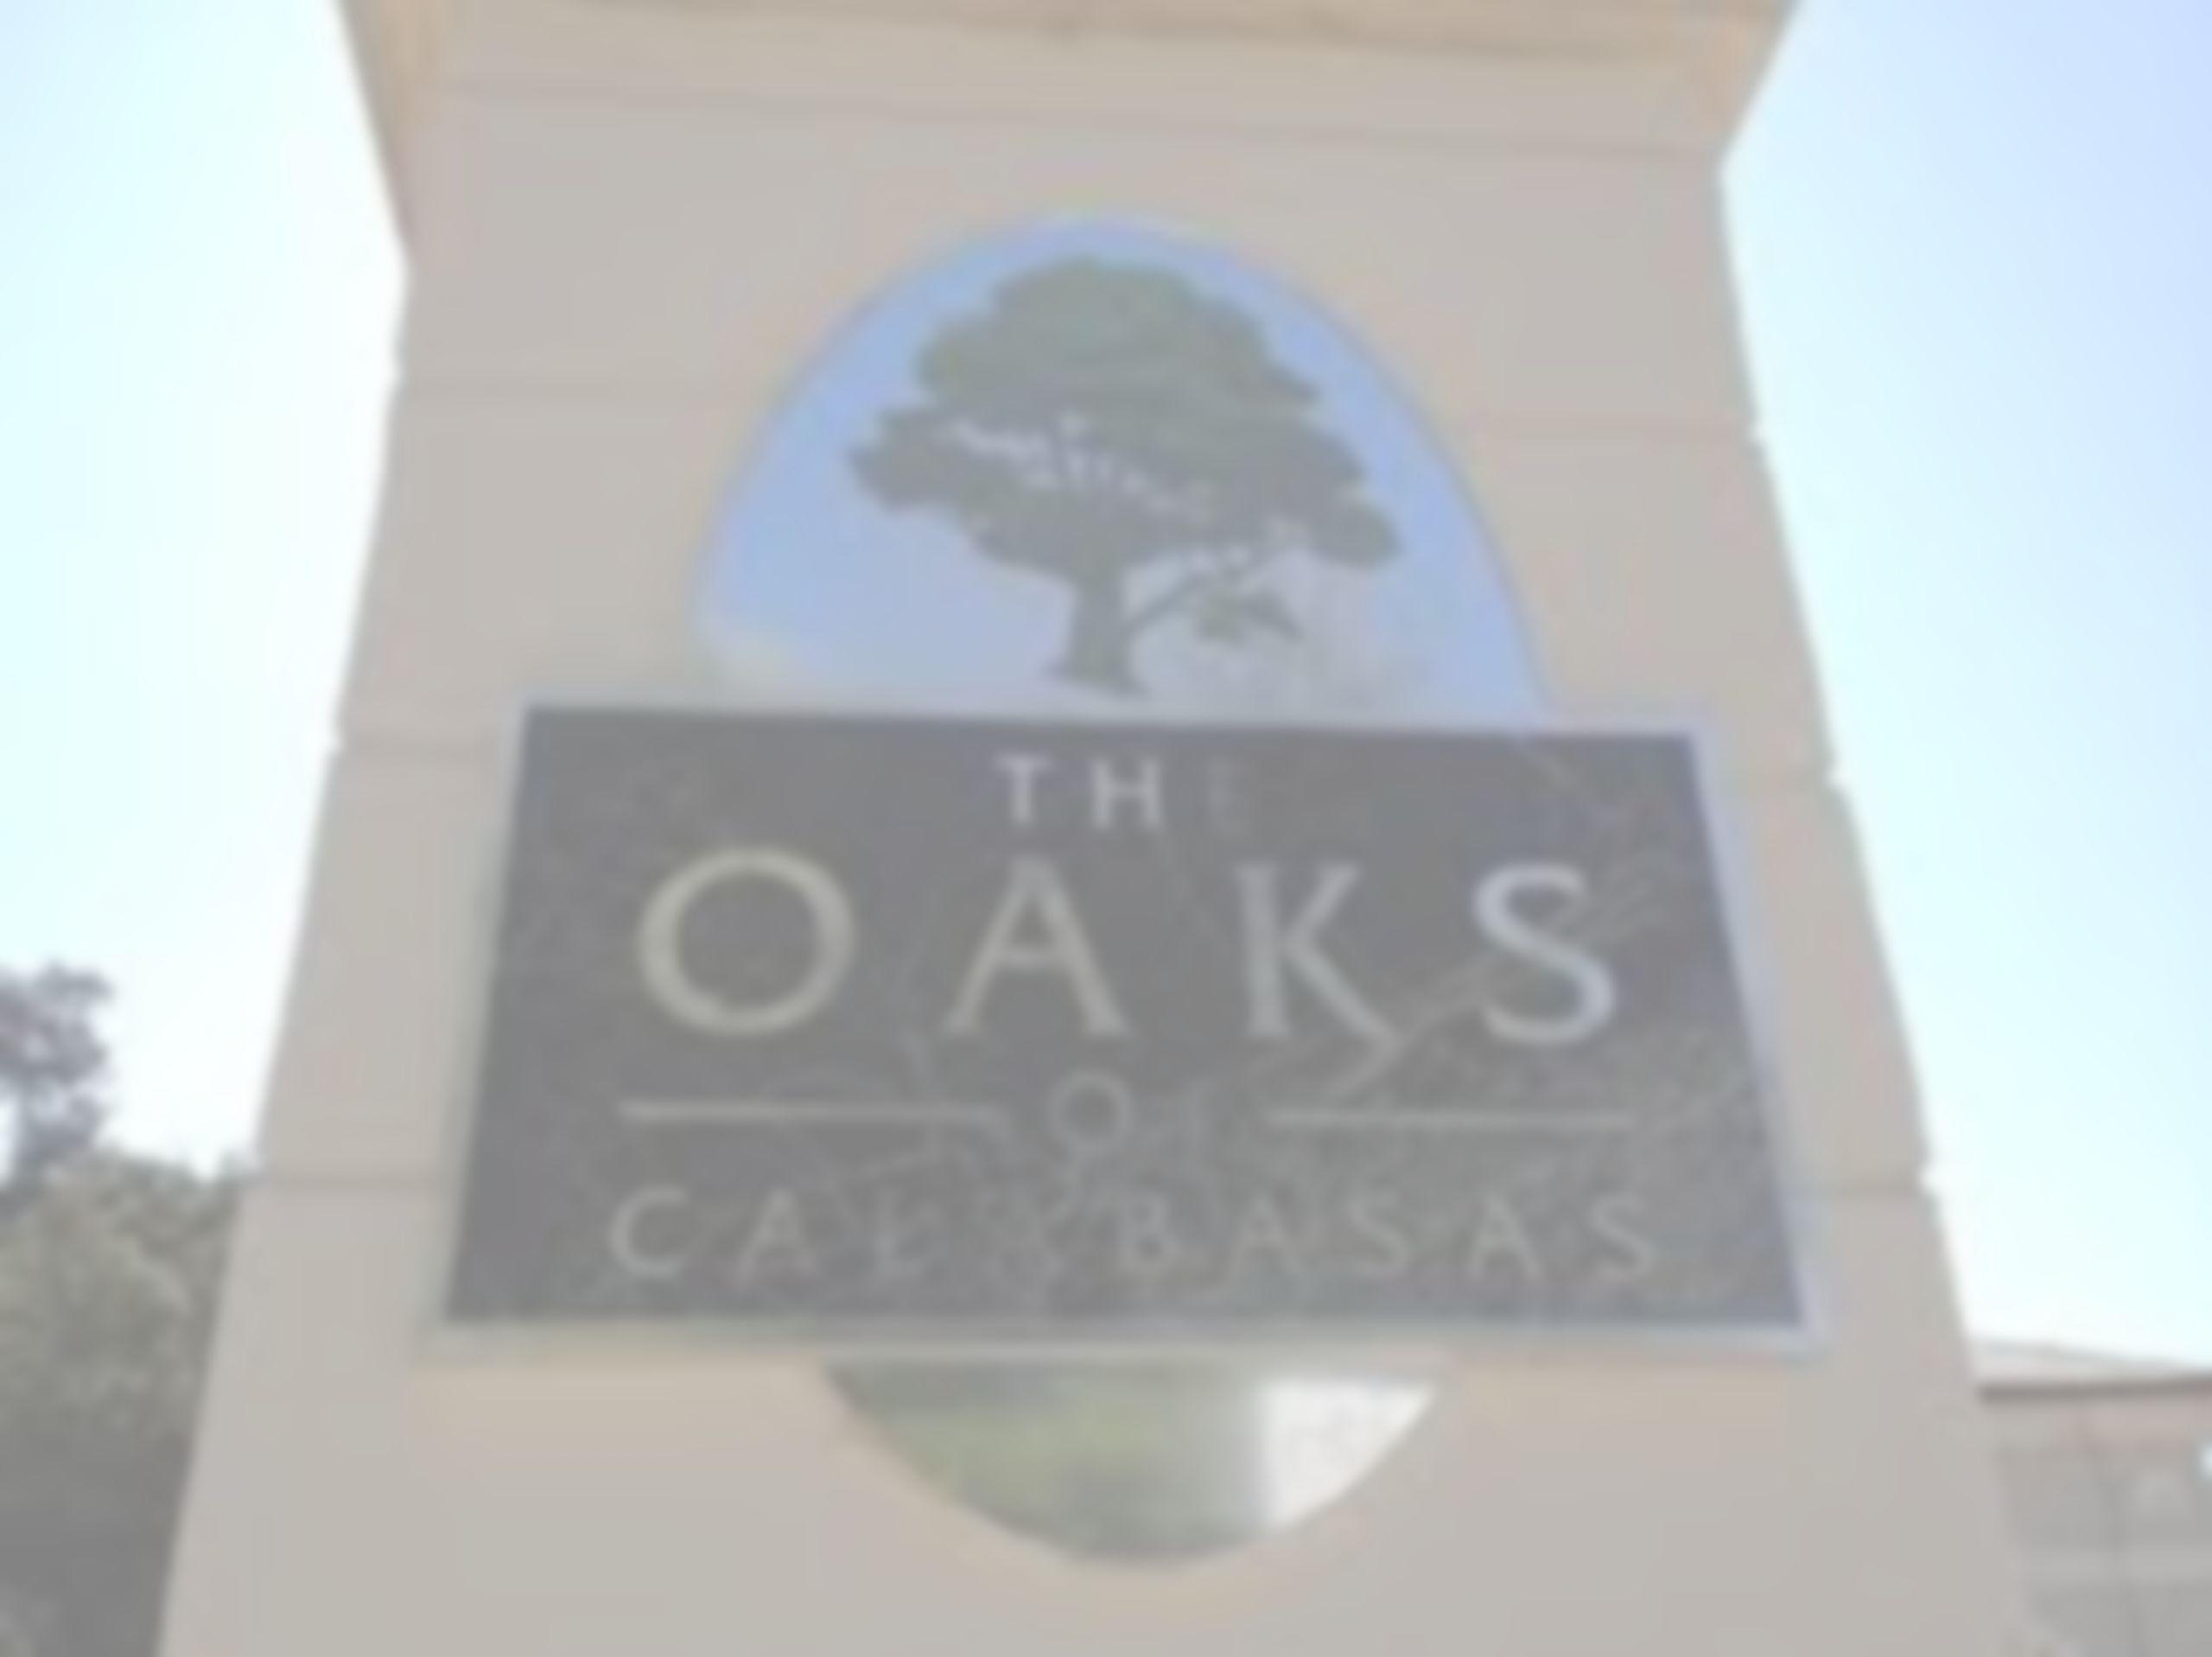 The Oaks Calabasas